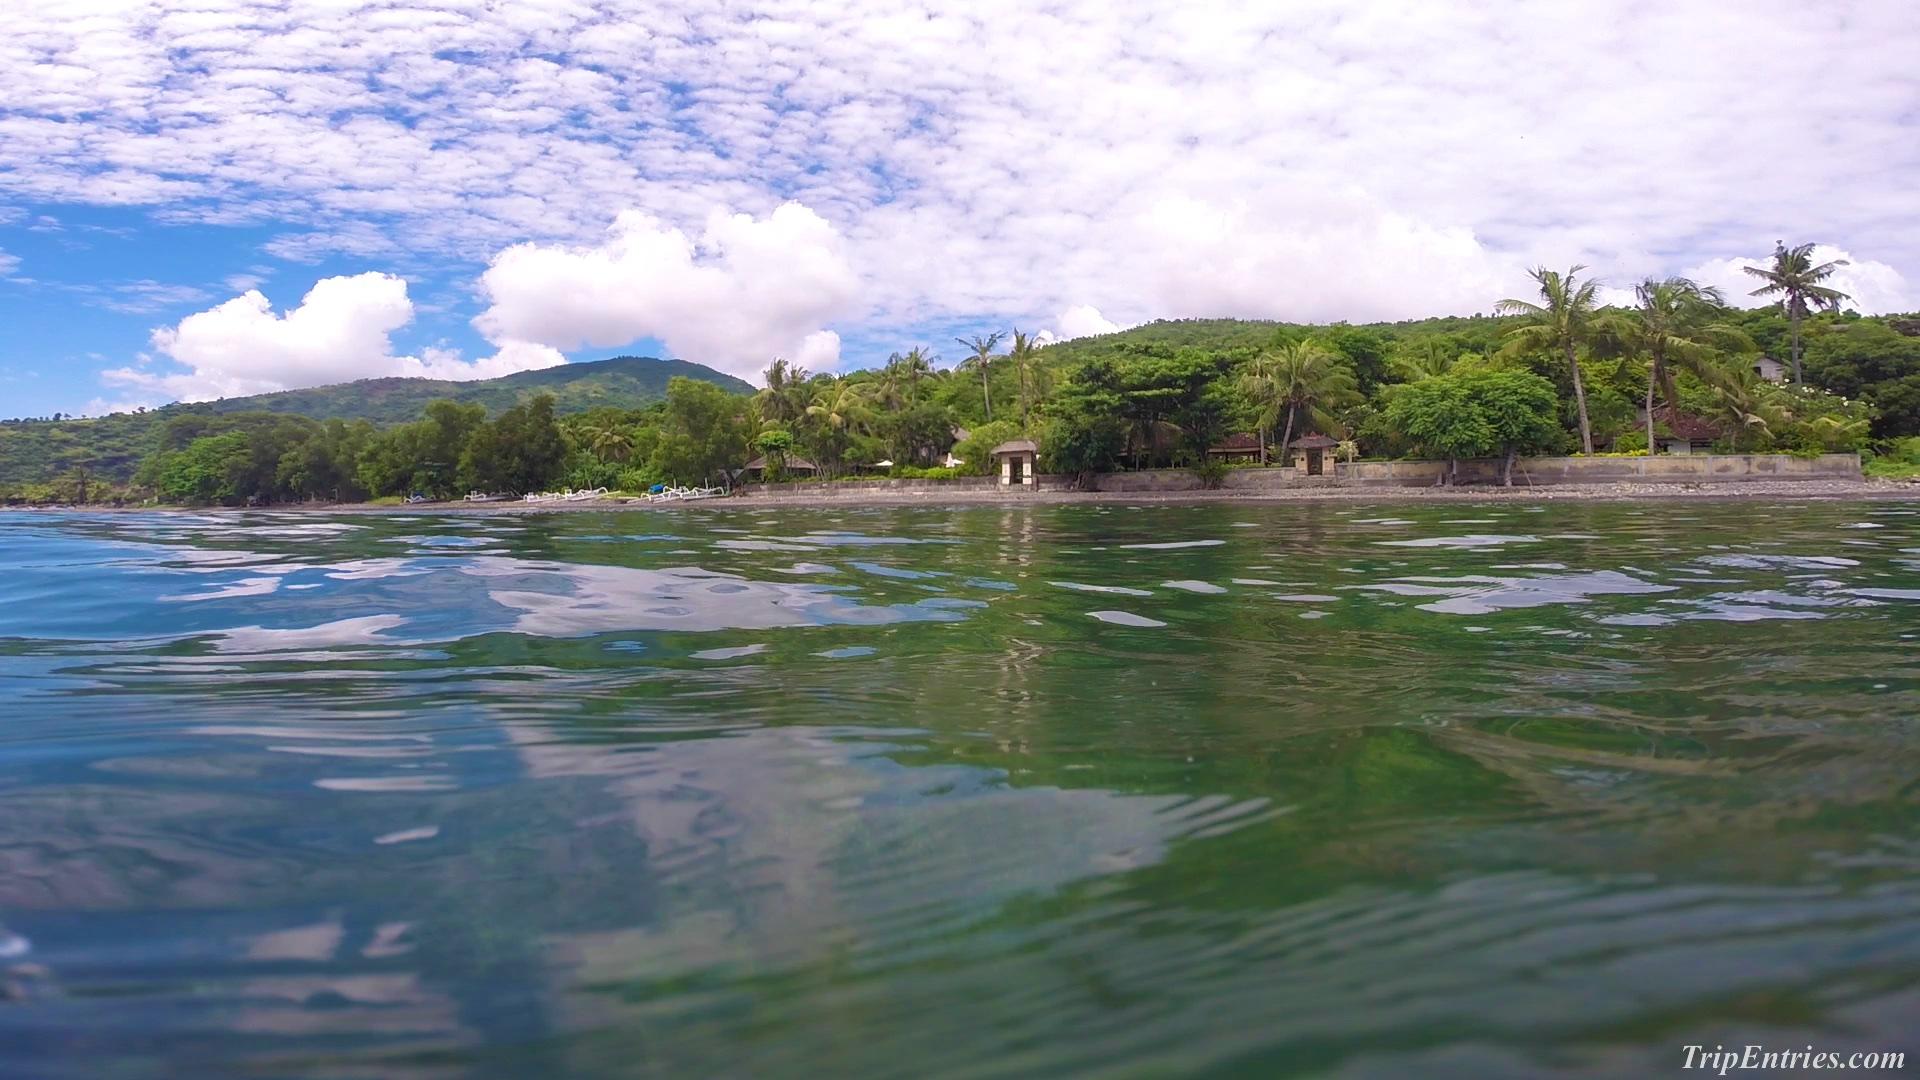 Поездка в Амед. Снорклинг и прекрасные рассветы на Бали